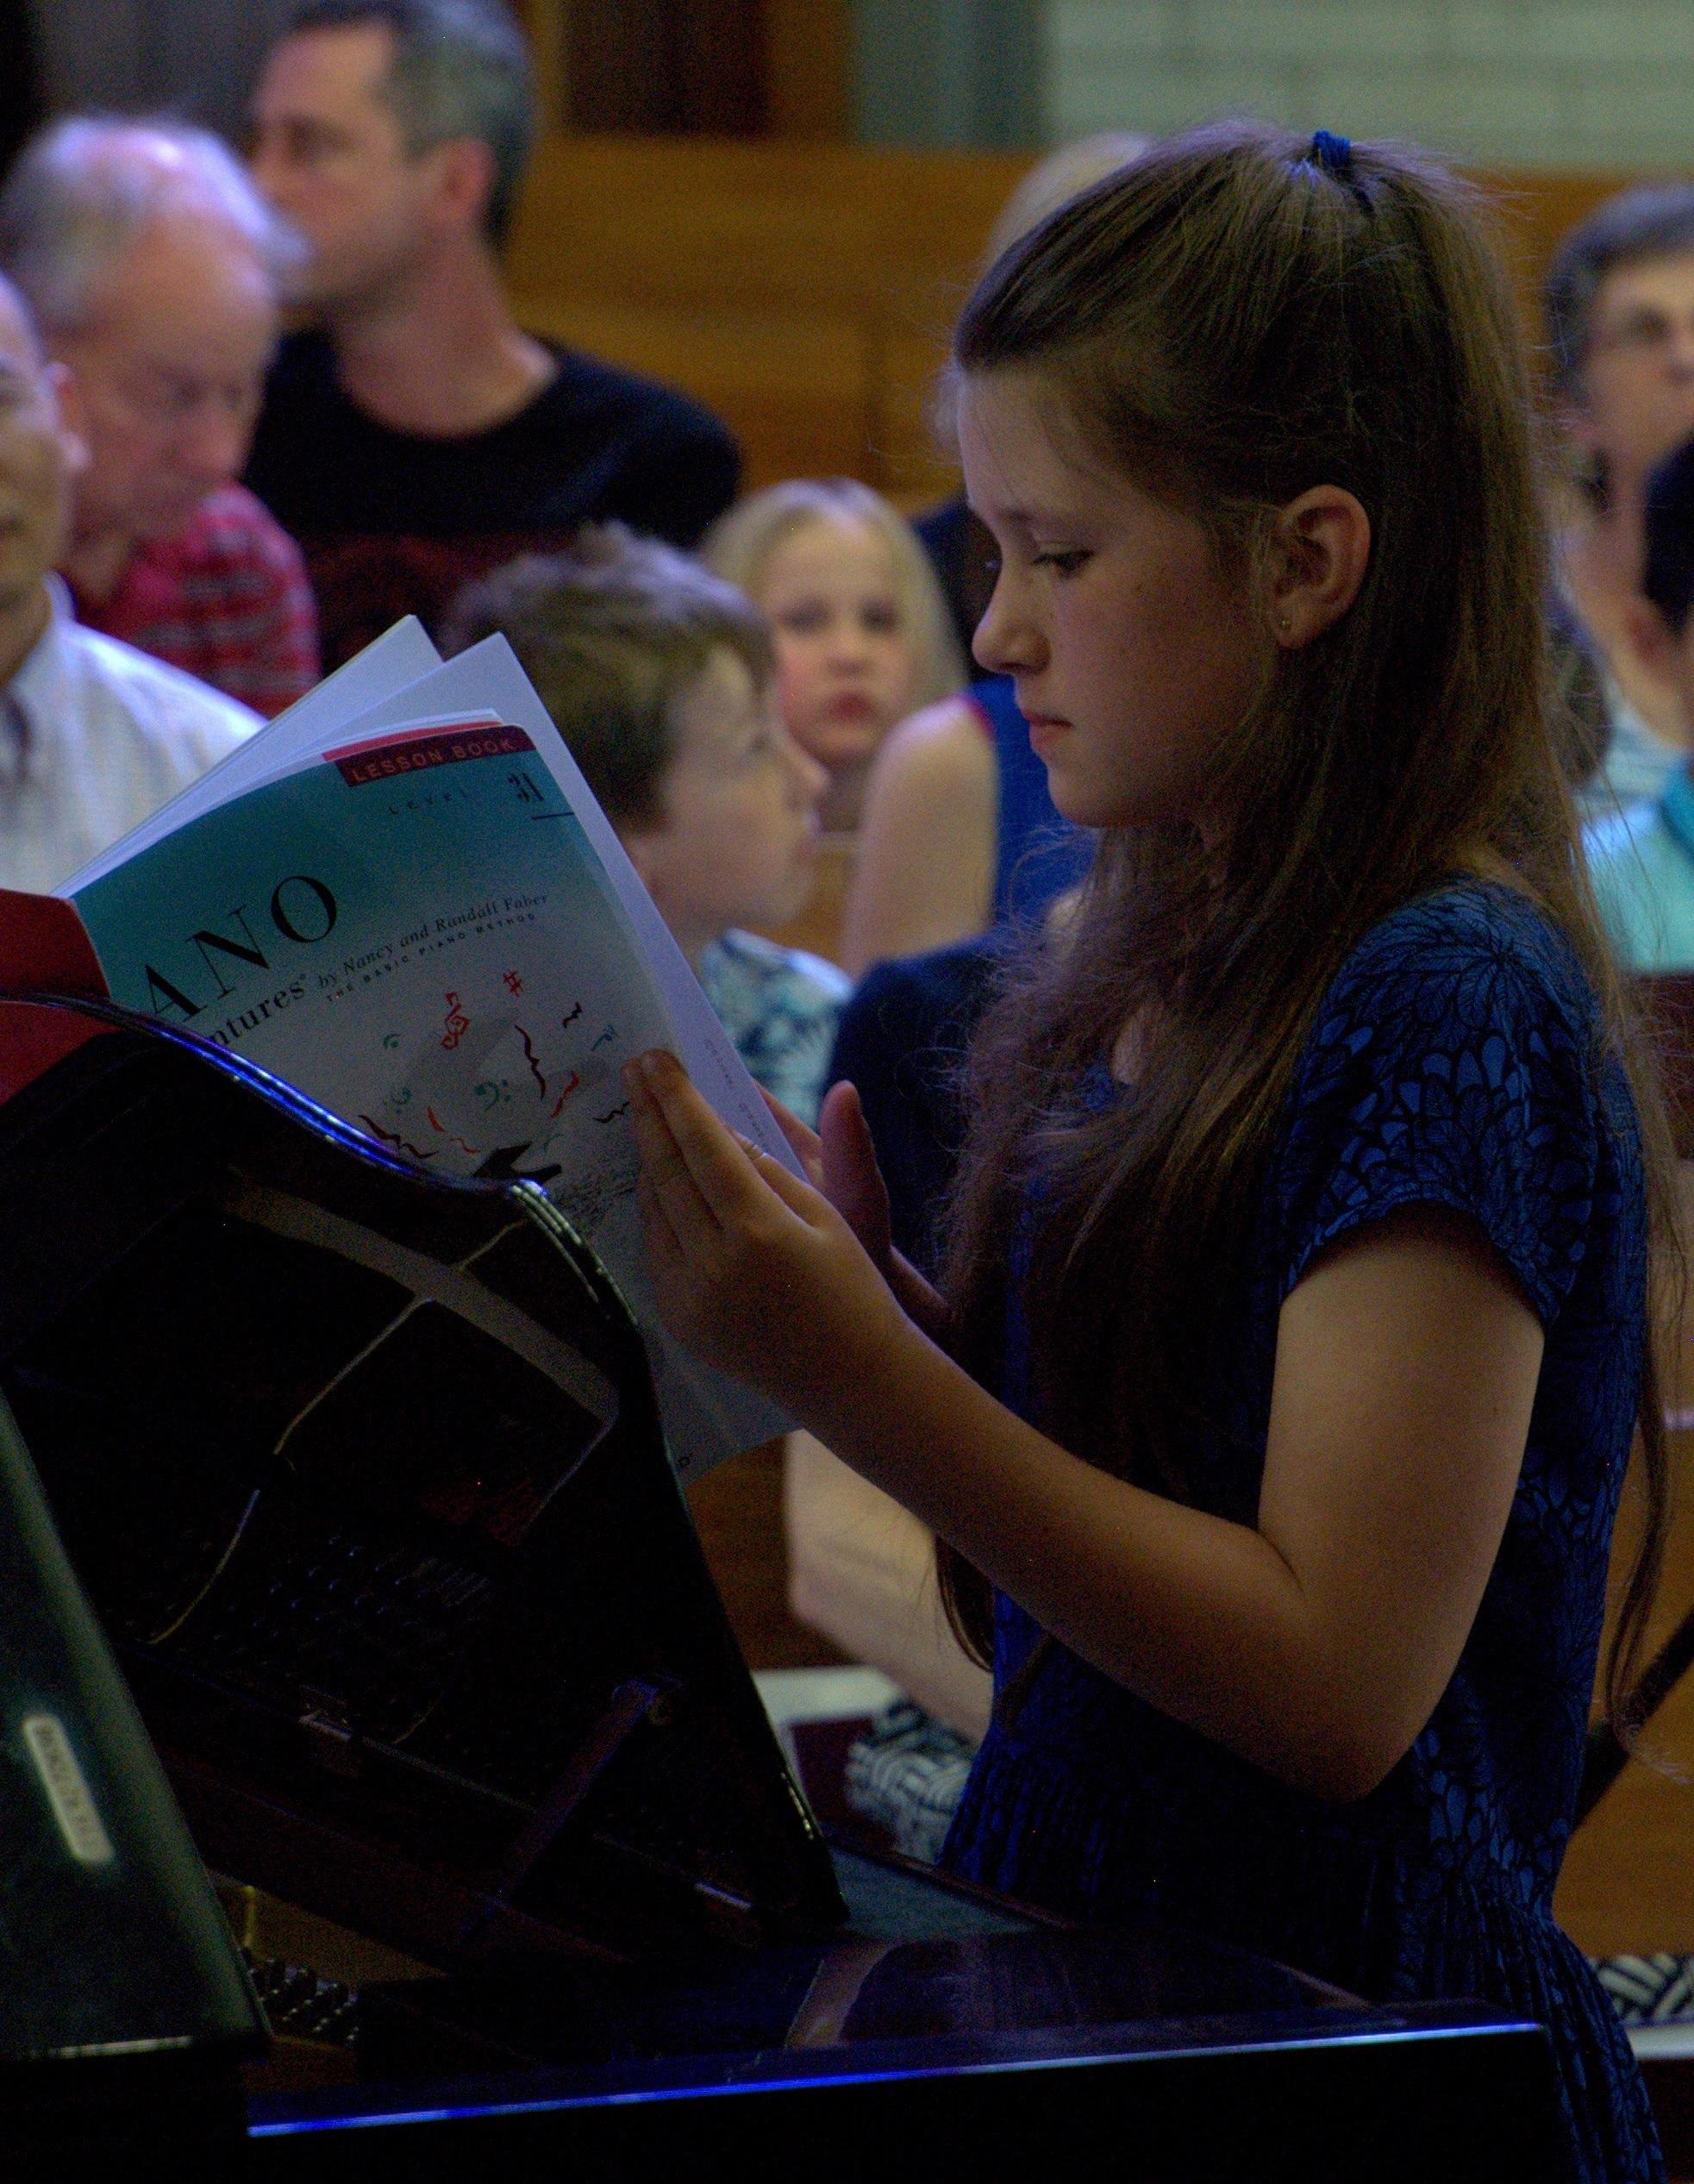 x piano concert 1.jpg